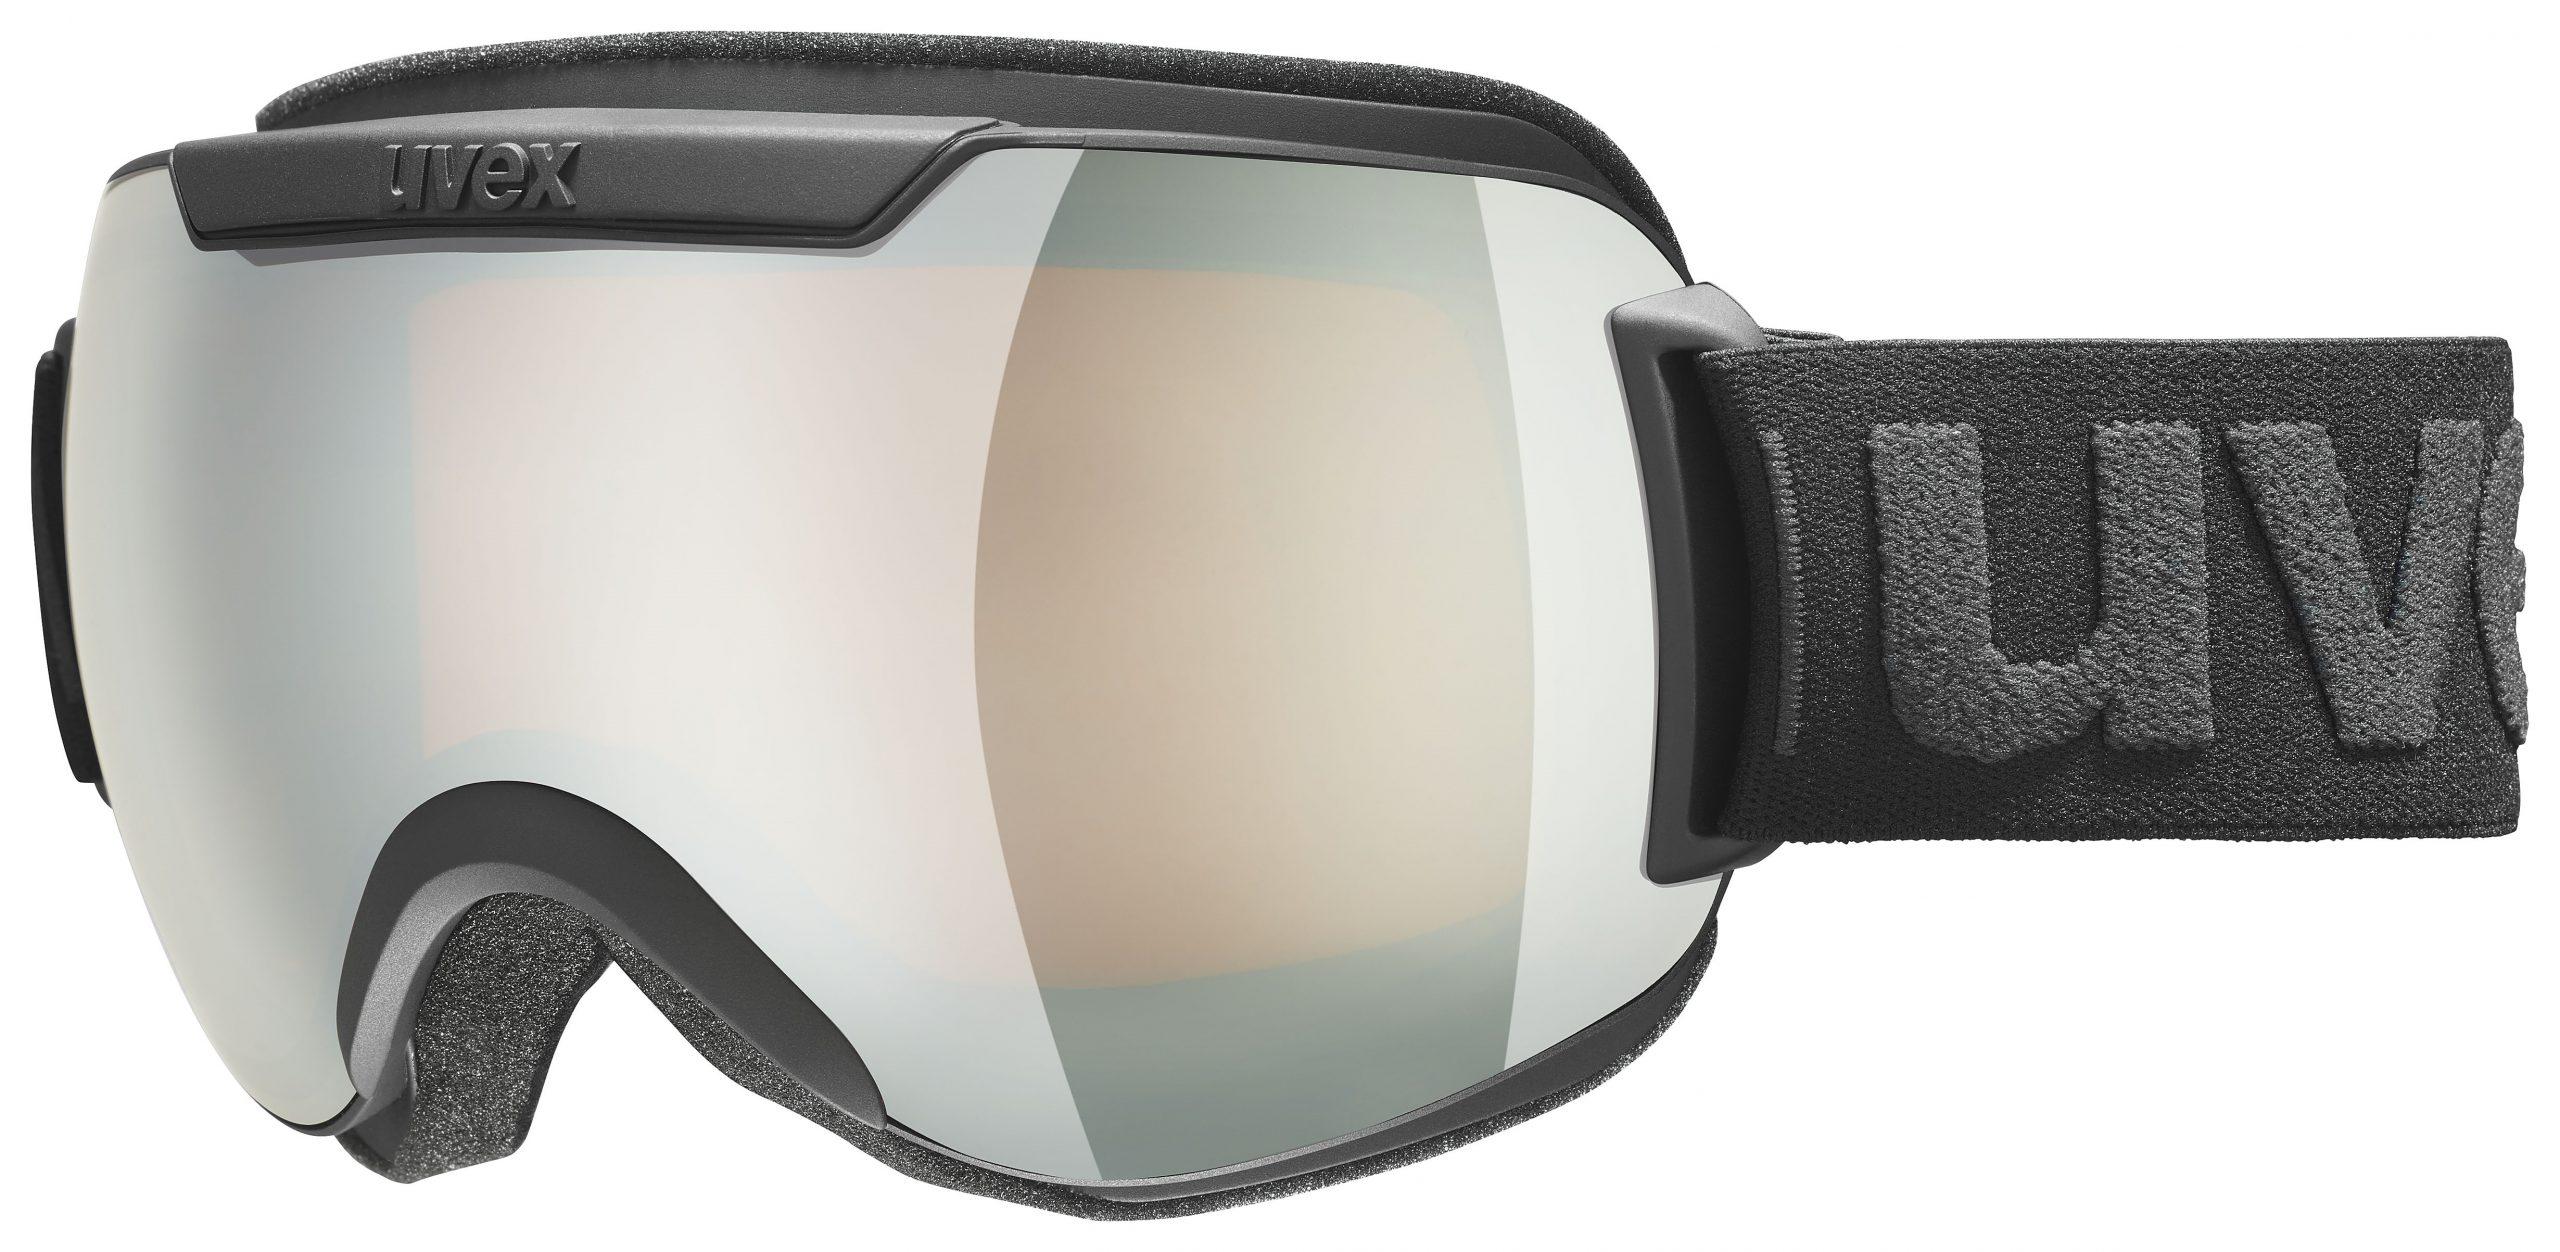 Uvex Downhill 2000 FM mirror silver lasergold lite S3 2430